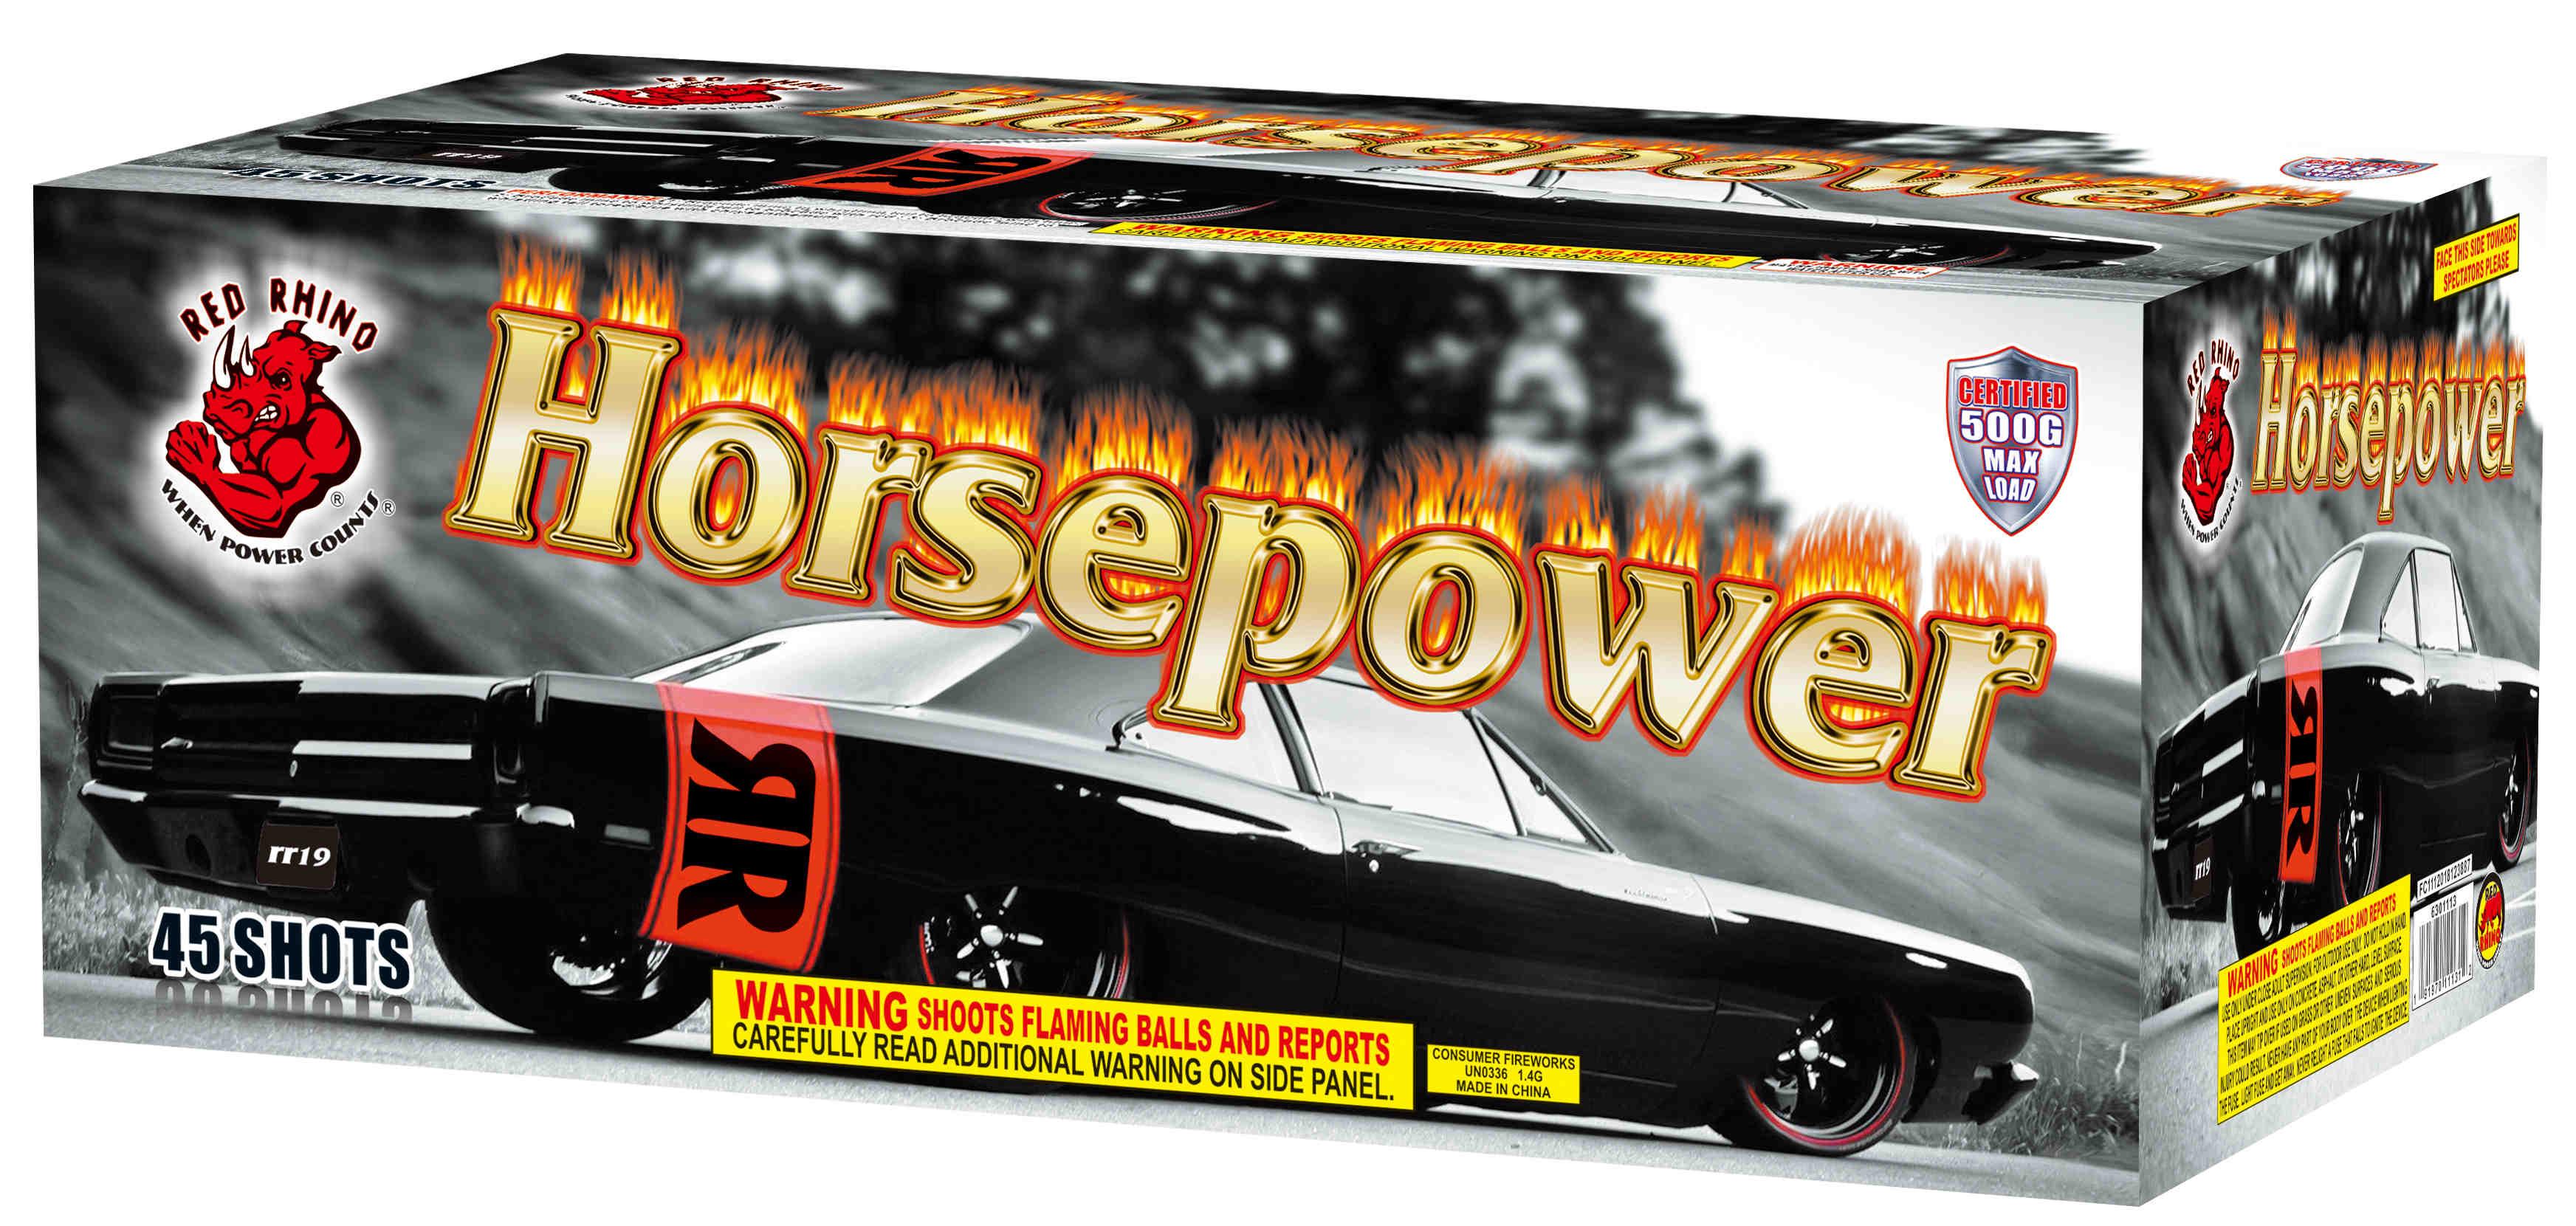 Horsepower - 500 grams of power! Light it up!